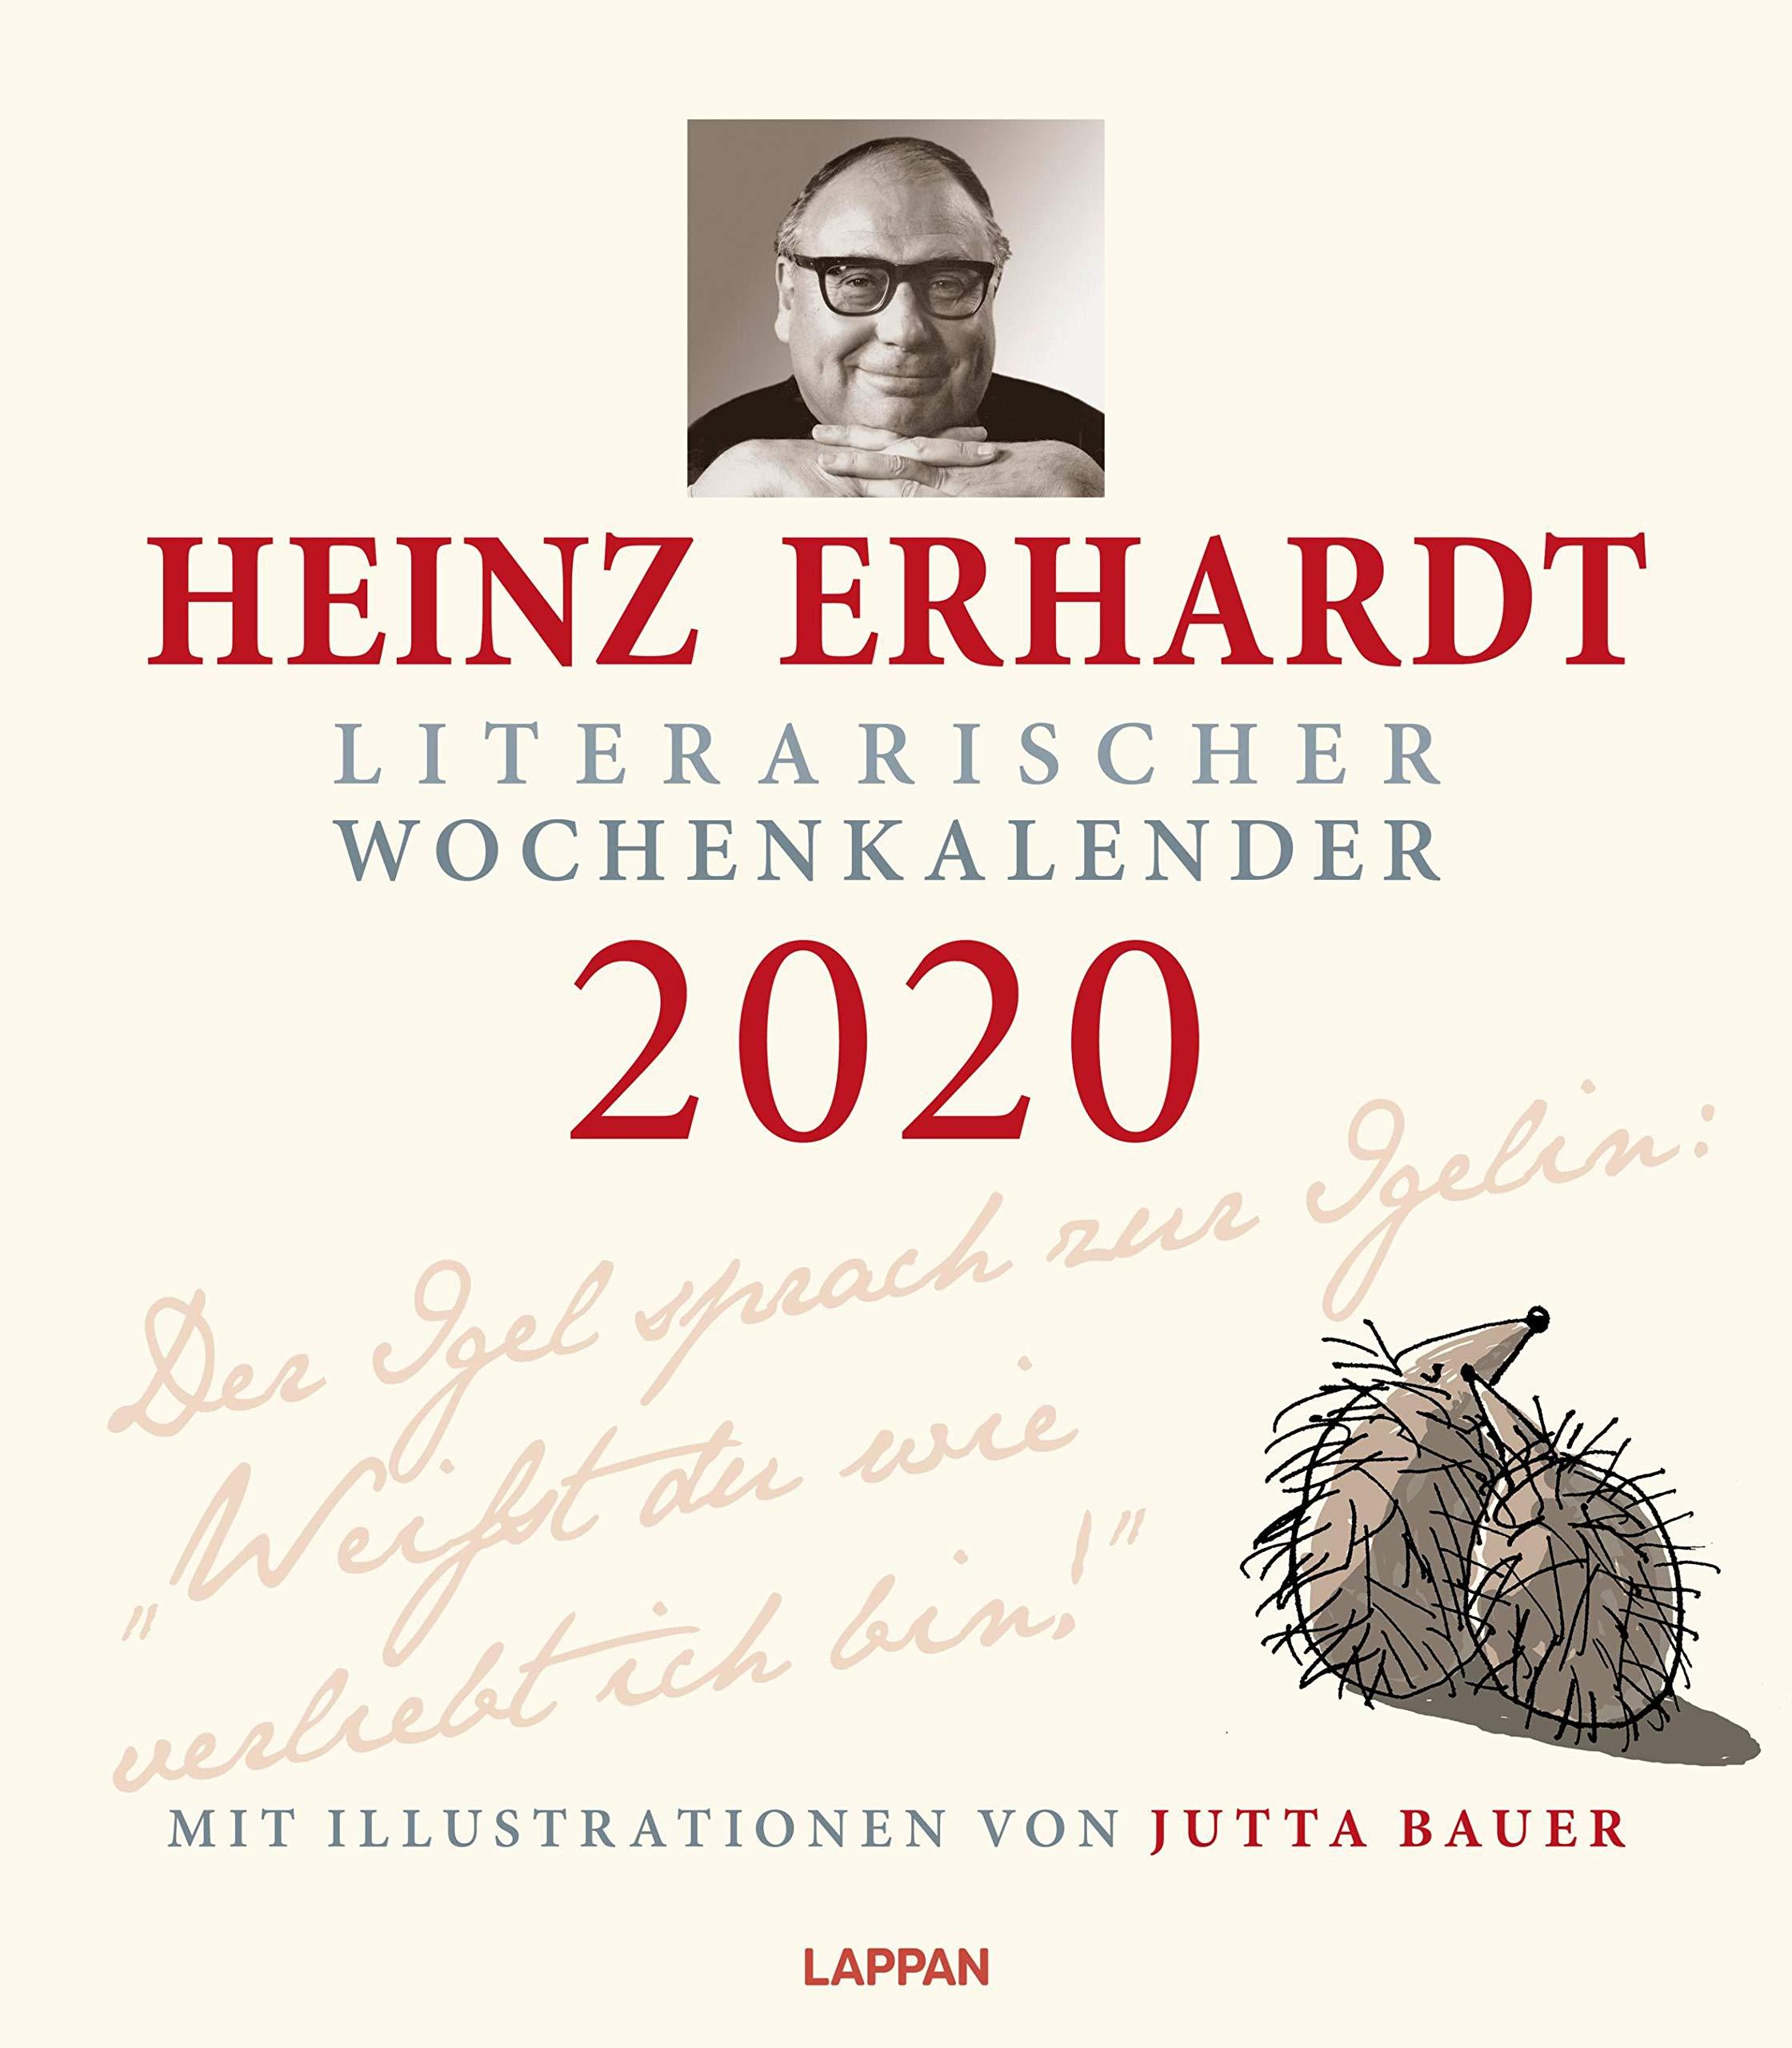 Heinz Erhardt Gedicht Mit G Liste Der Werke Von Heinz